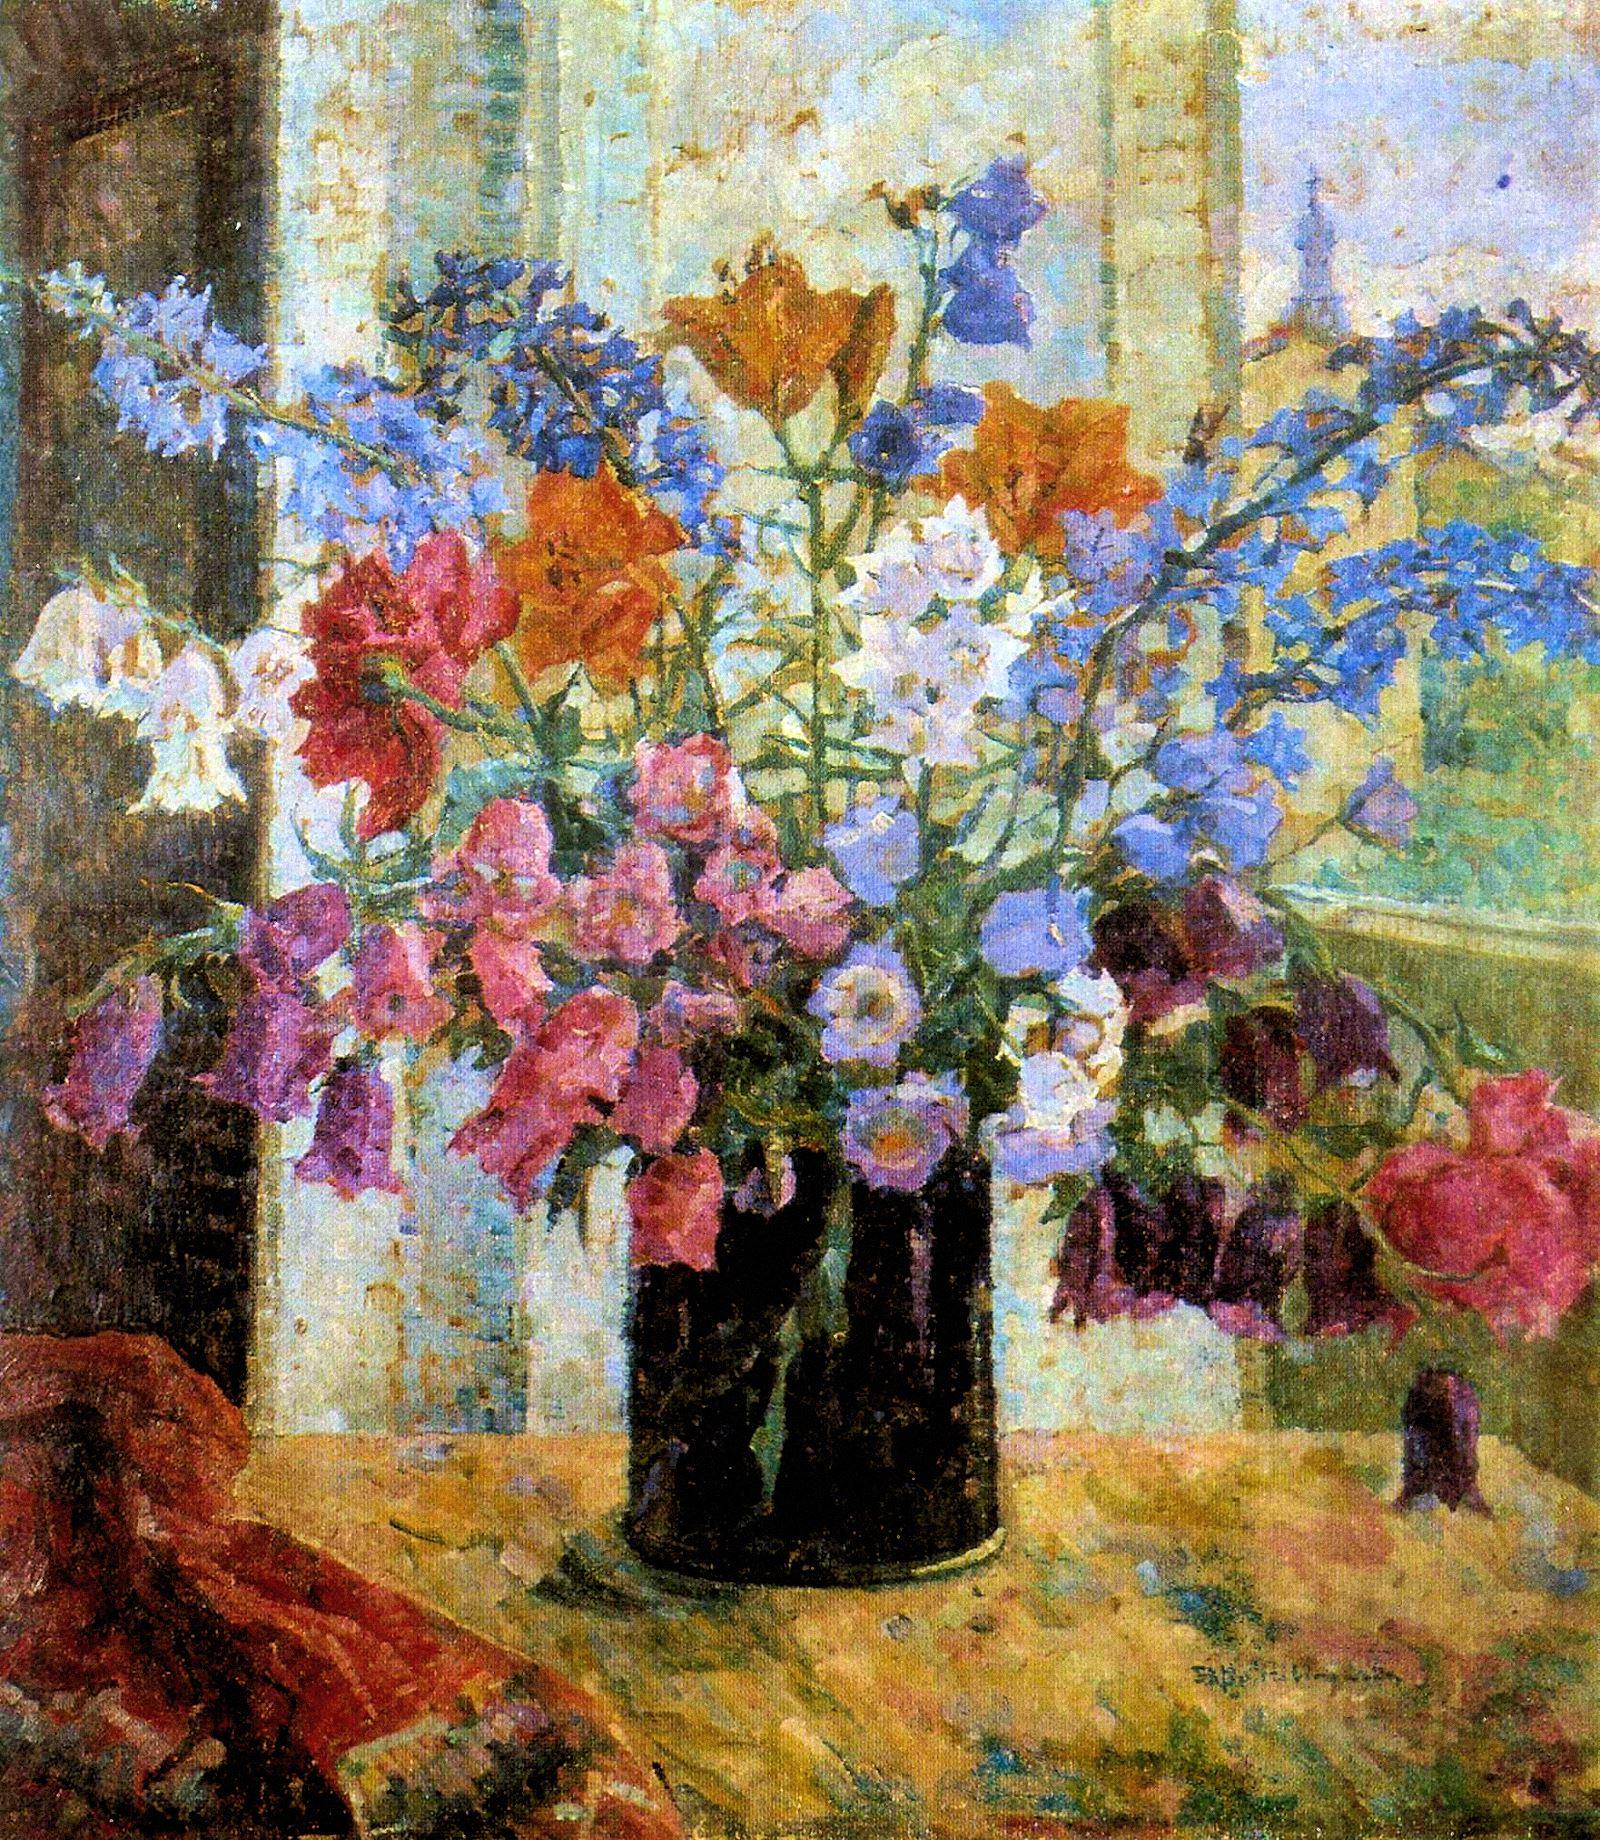 00 Sofiya Albinovskaya-Minkevich. A Still Life. 1940